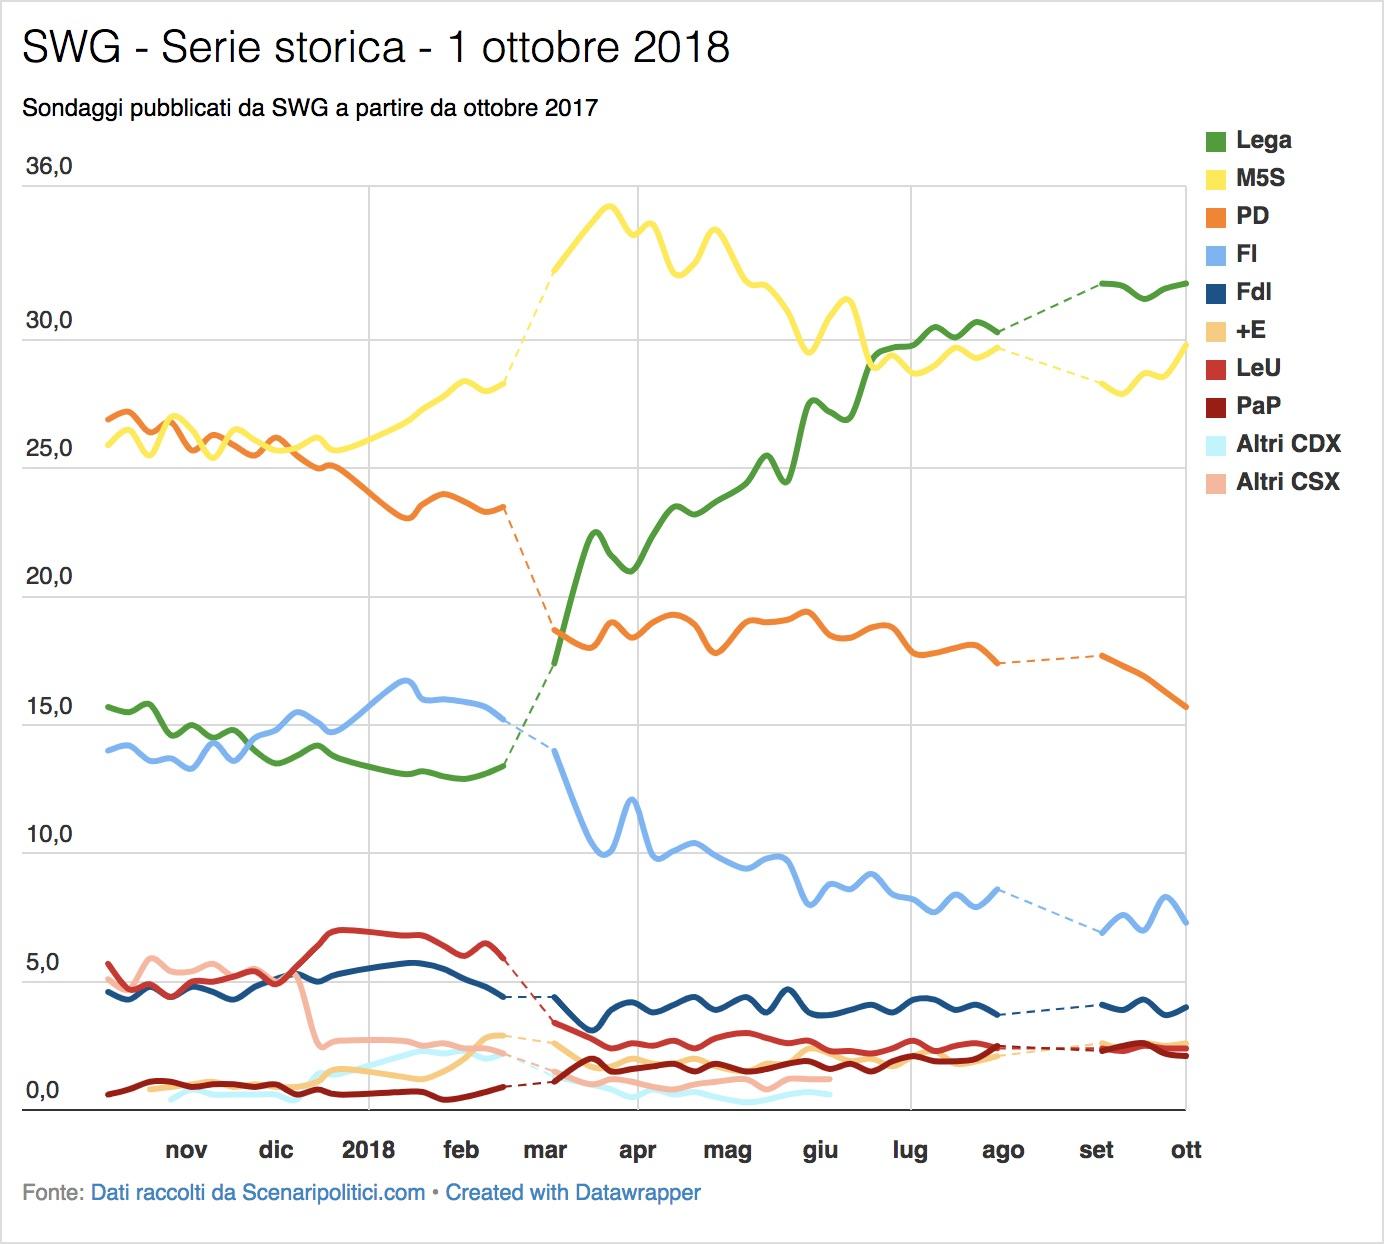 Sondaggio SWG (1 ottobre 2018)